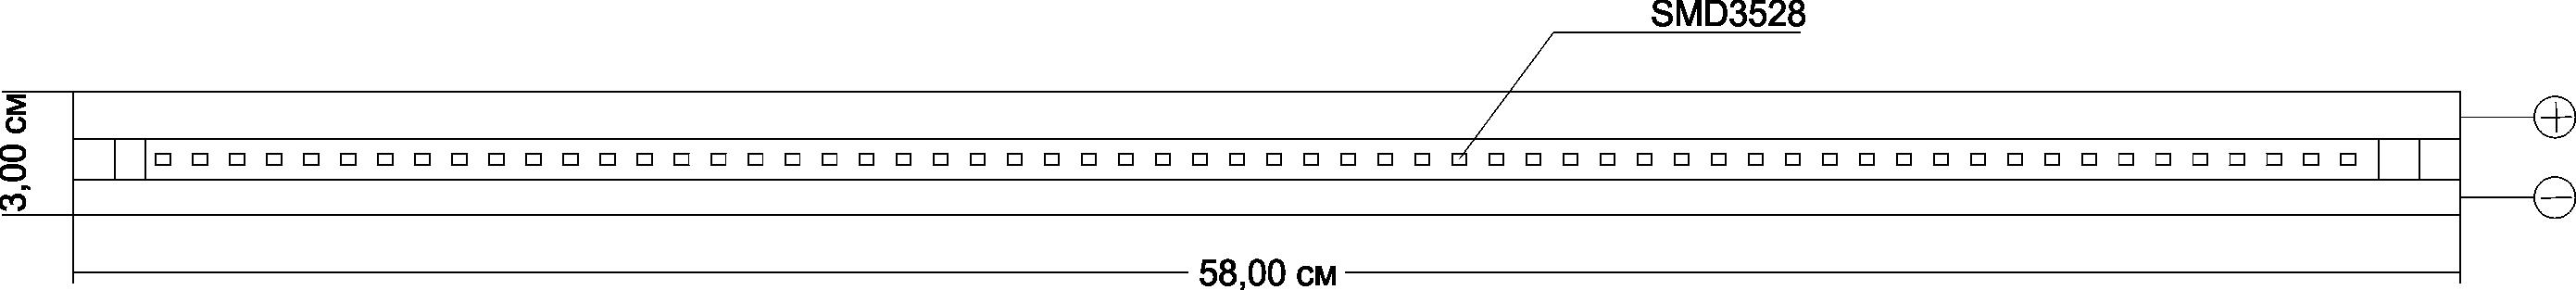 Светодиодная аллюминиевая линейка